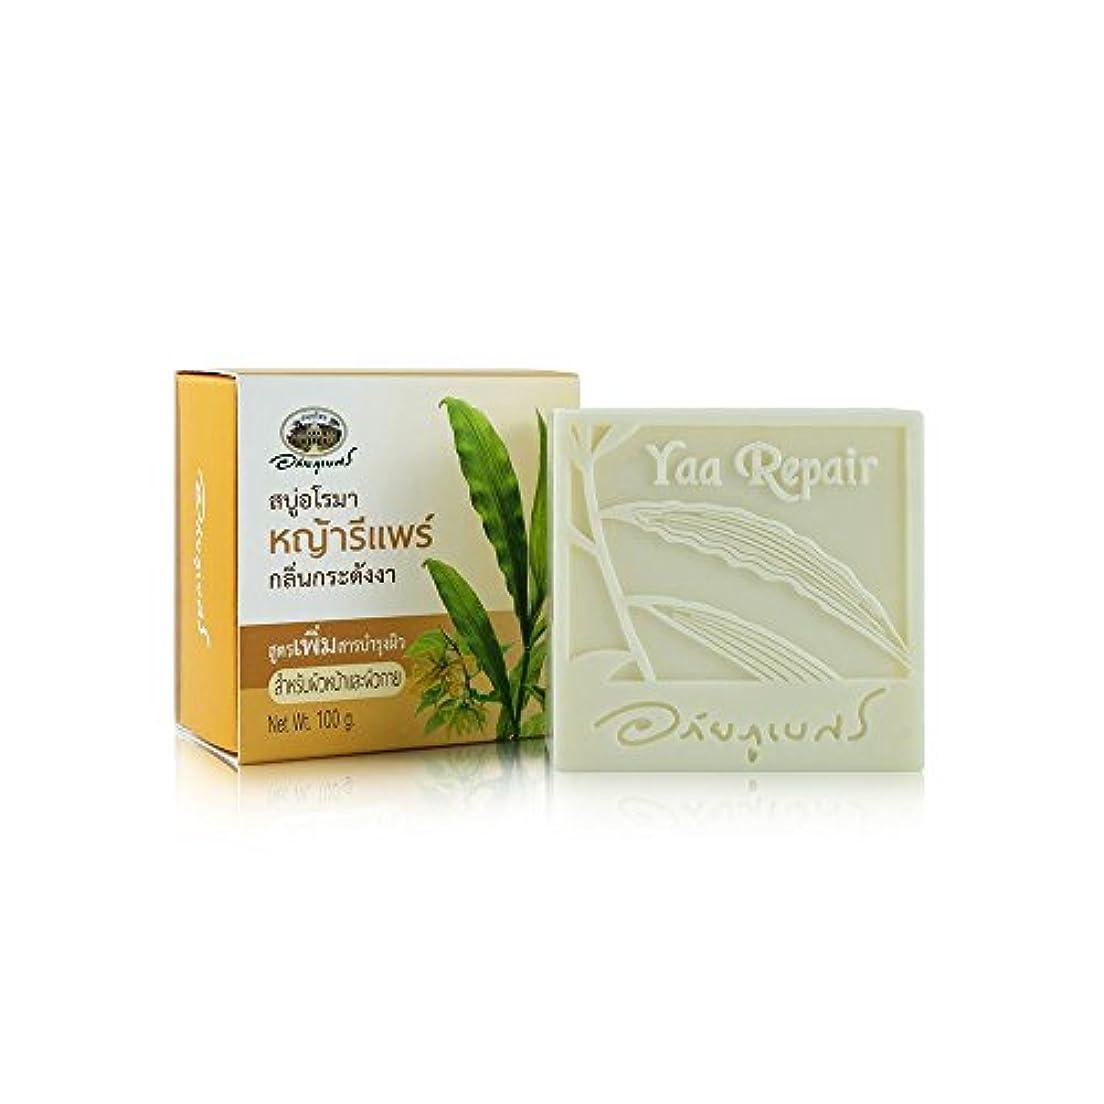 宗教滝ダイバーAbhaibhubejhr Thai Aromatherapy With Ylang Ylang Skin Care Formula Herbal Body Face Cleaning Soap 100g.